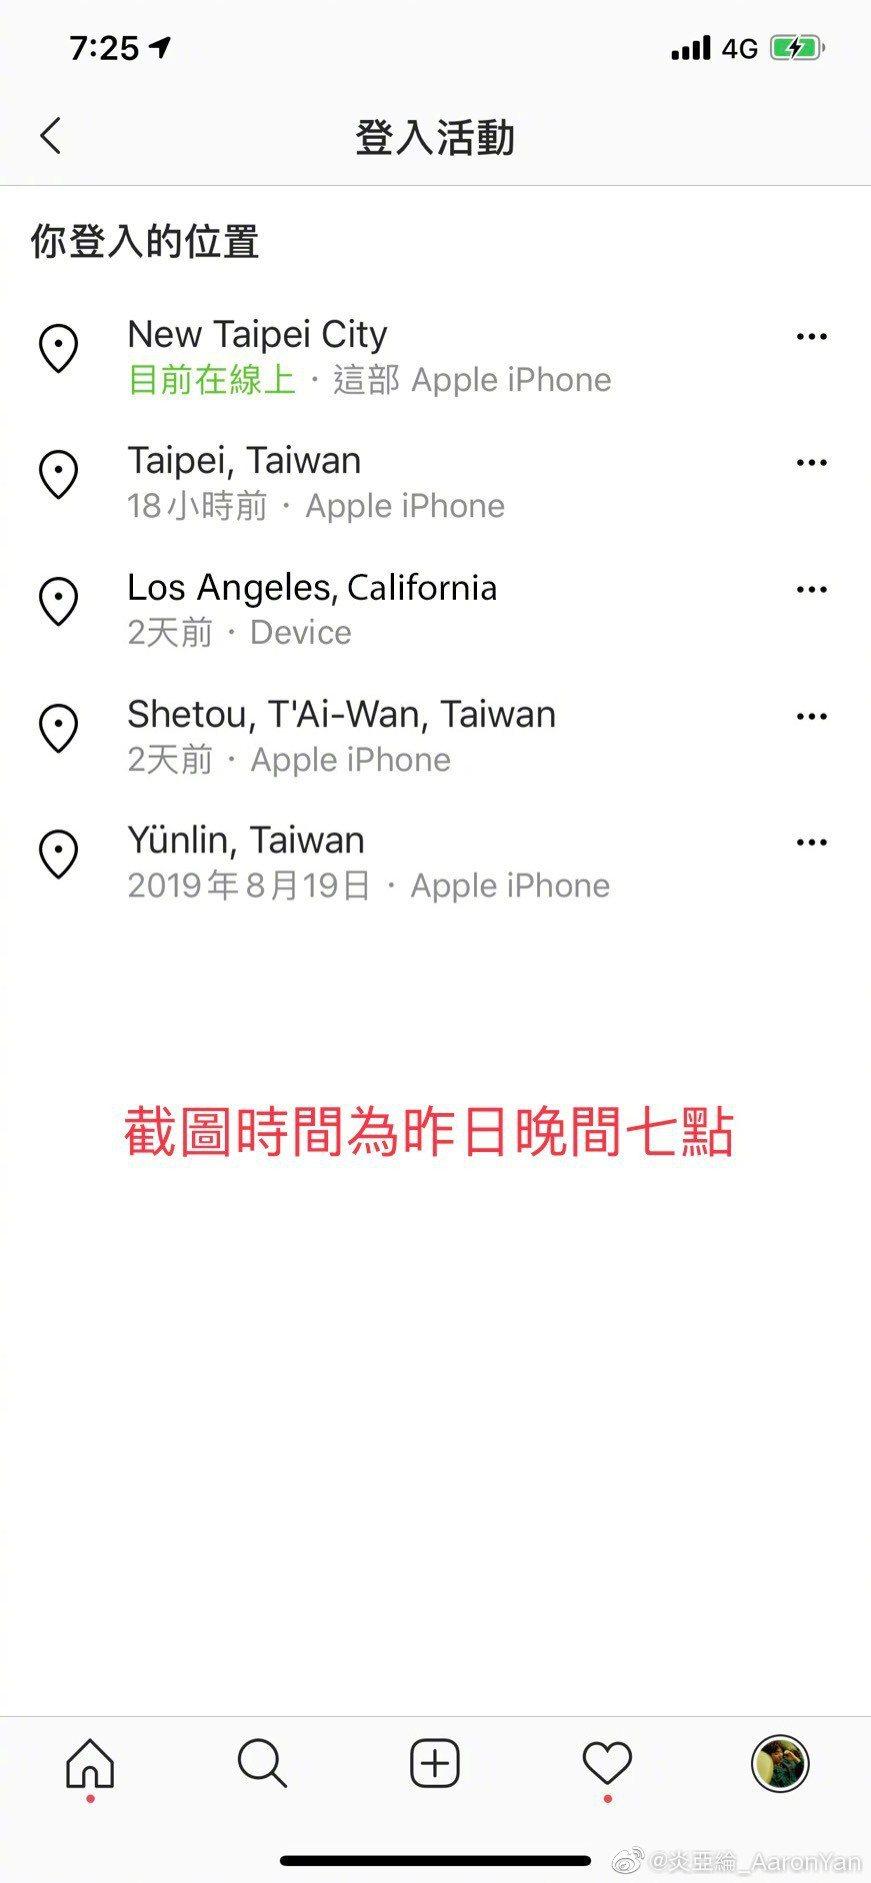 炎亞綸秀出IG登入紀錄,曾遭人在洛杉磯惡意登入。圖/摘自微博